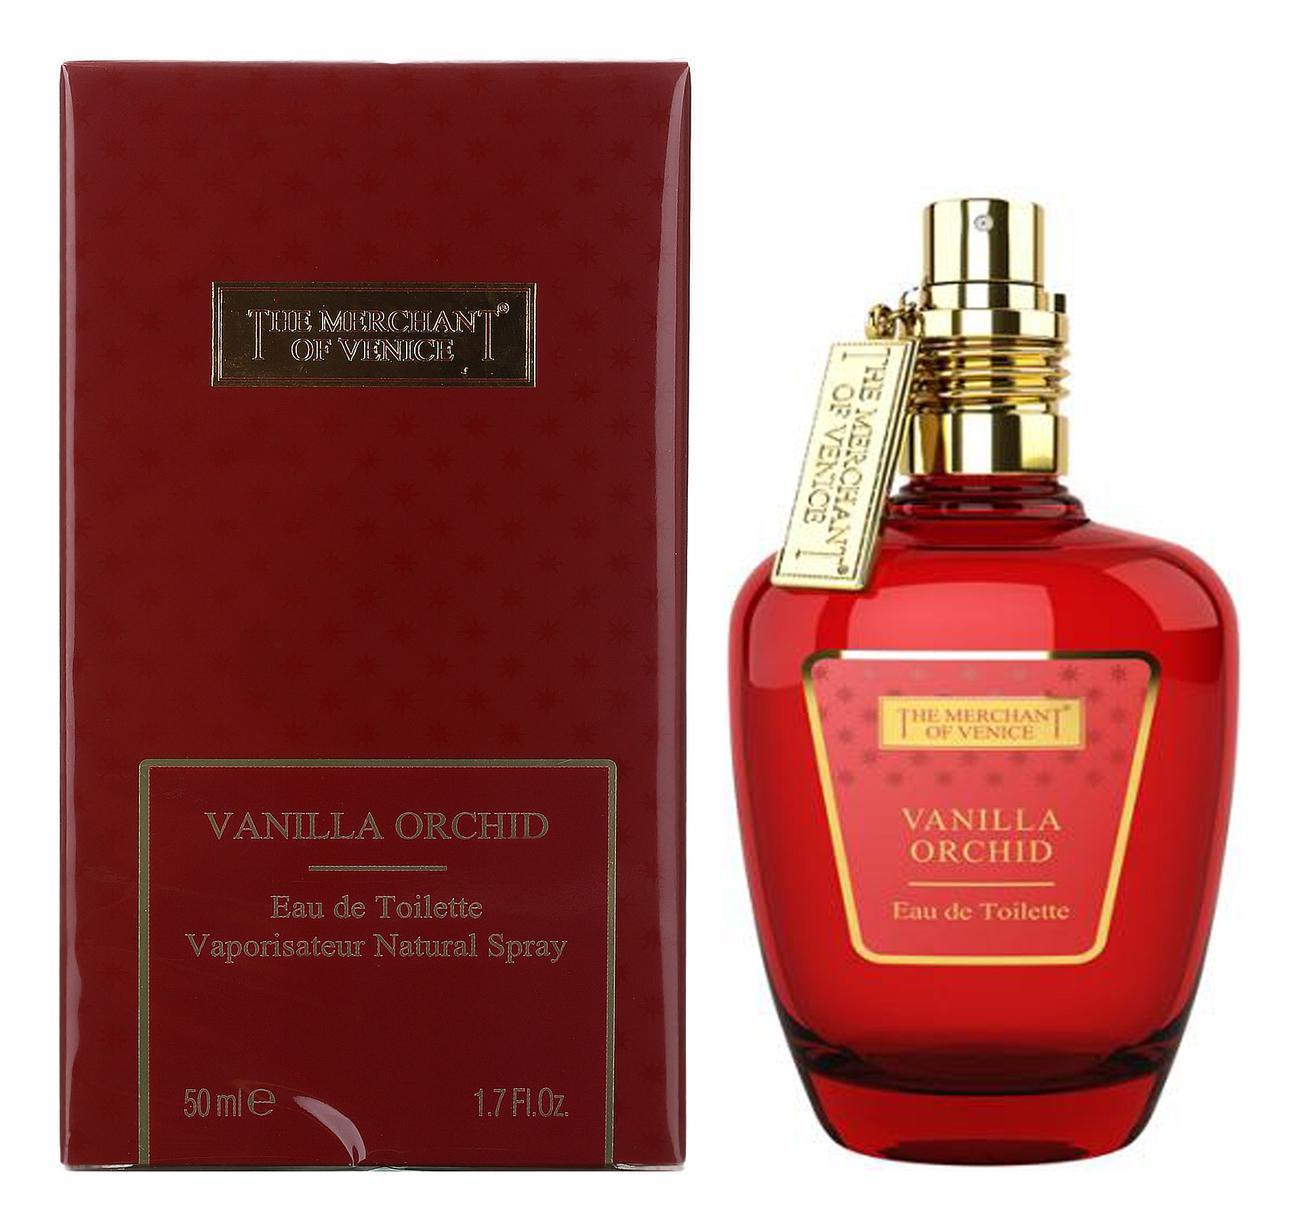 Купить Vanilla Orchid: туалетная вода 50мл, The Merchant Of Venice